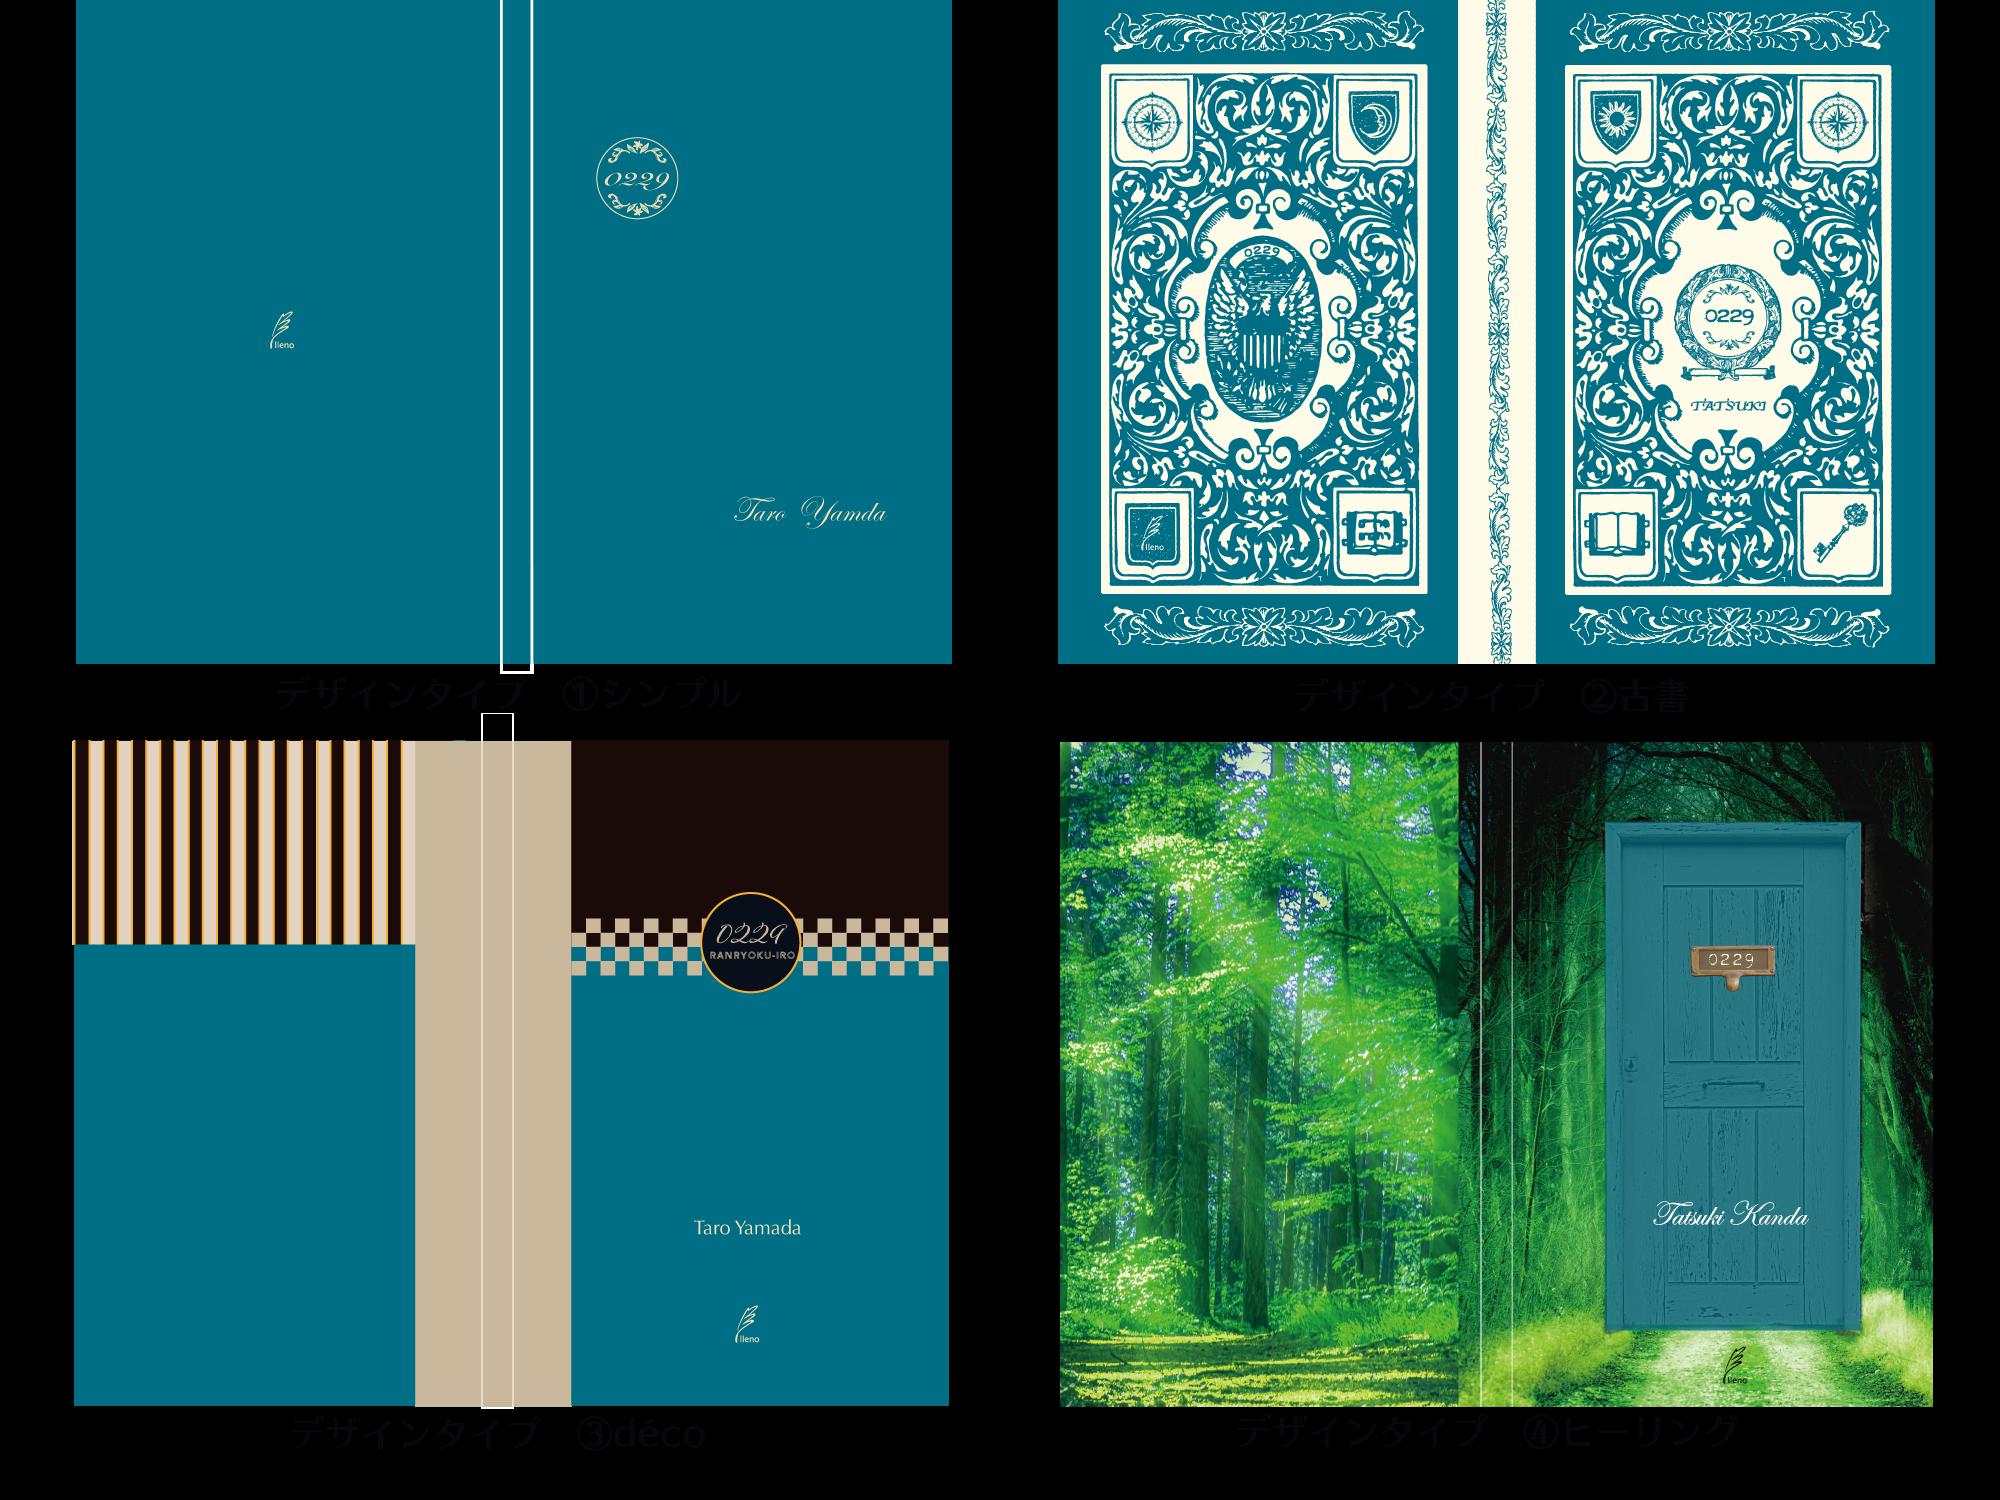 運命のノート 『2月29日 藍緑色』(鑑定&メッセージカード付)